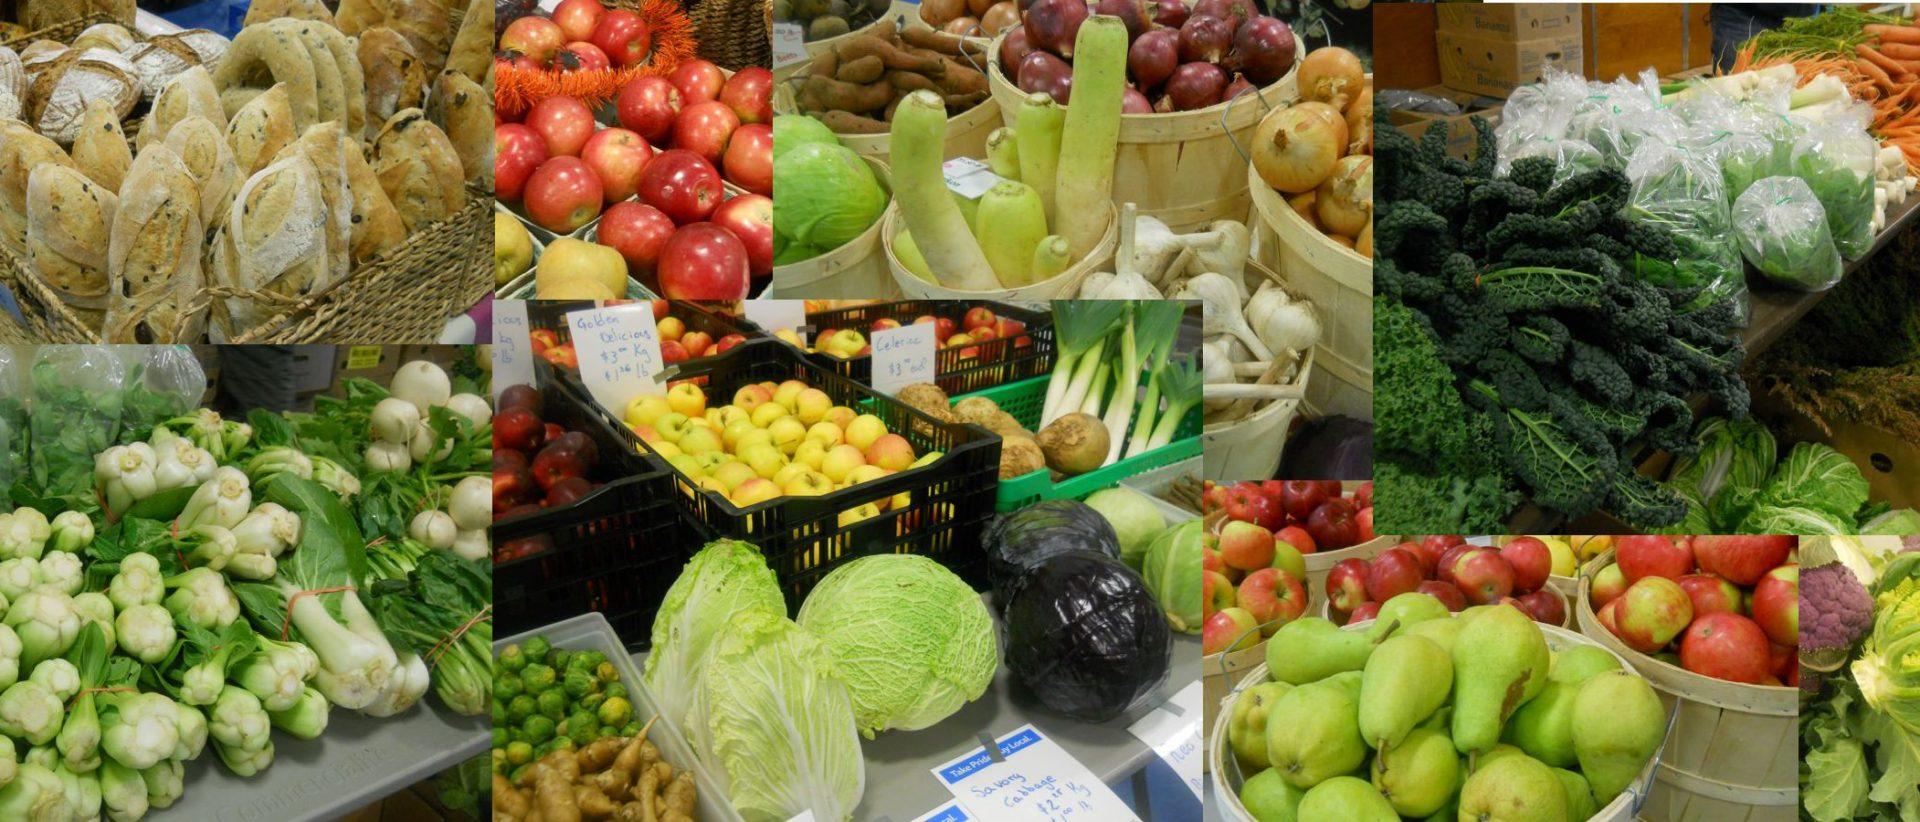 our market vendors